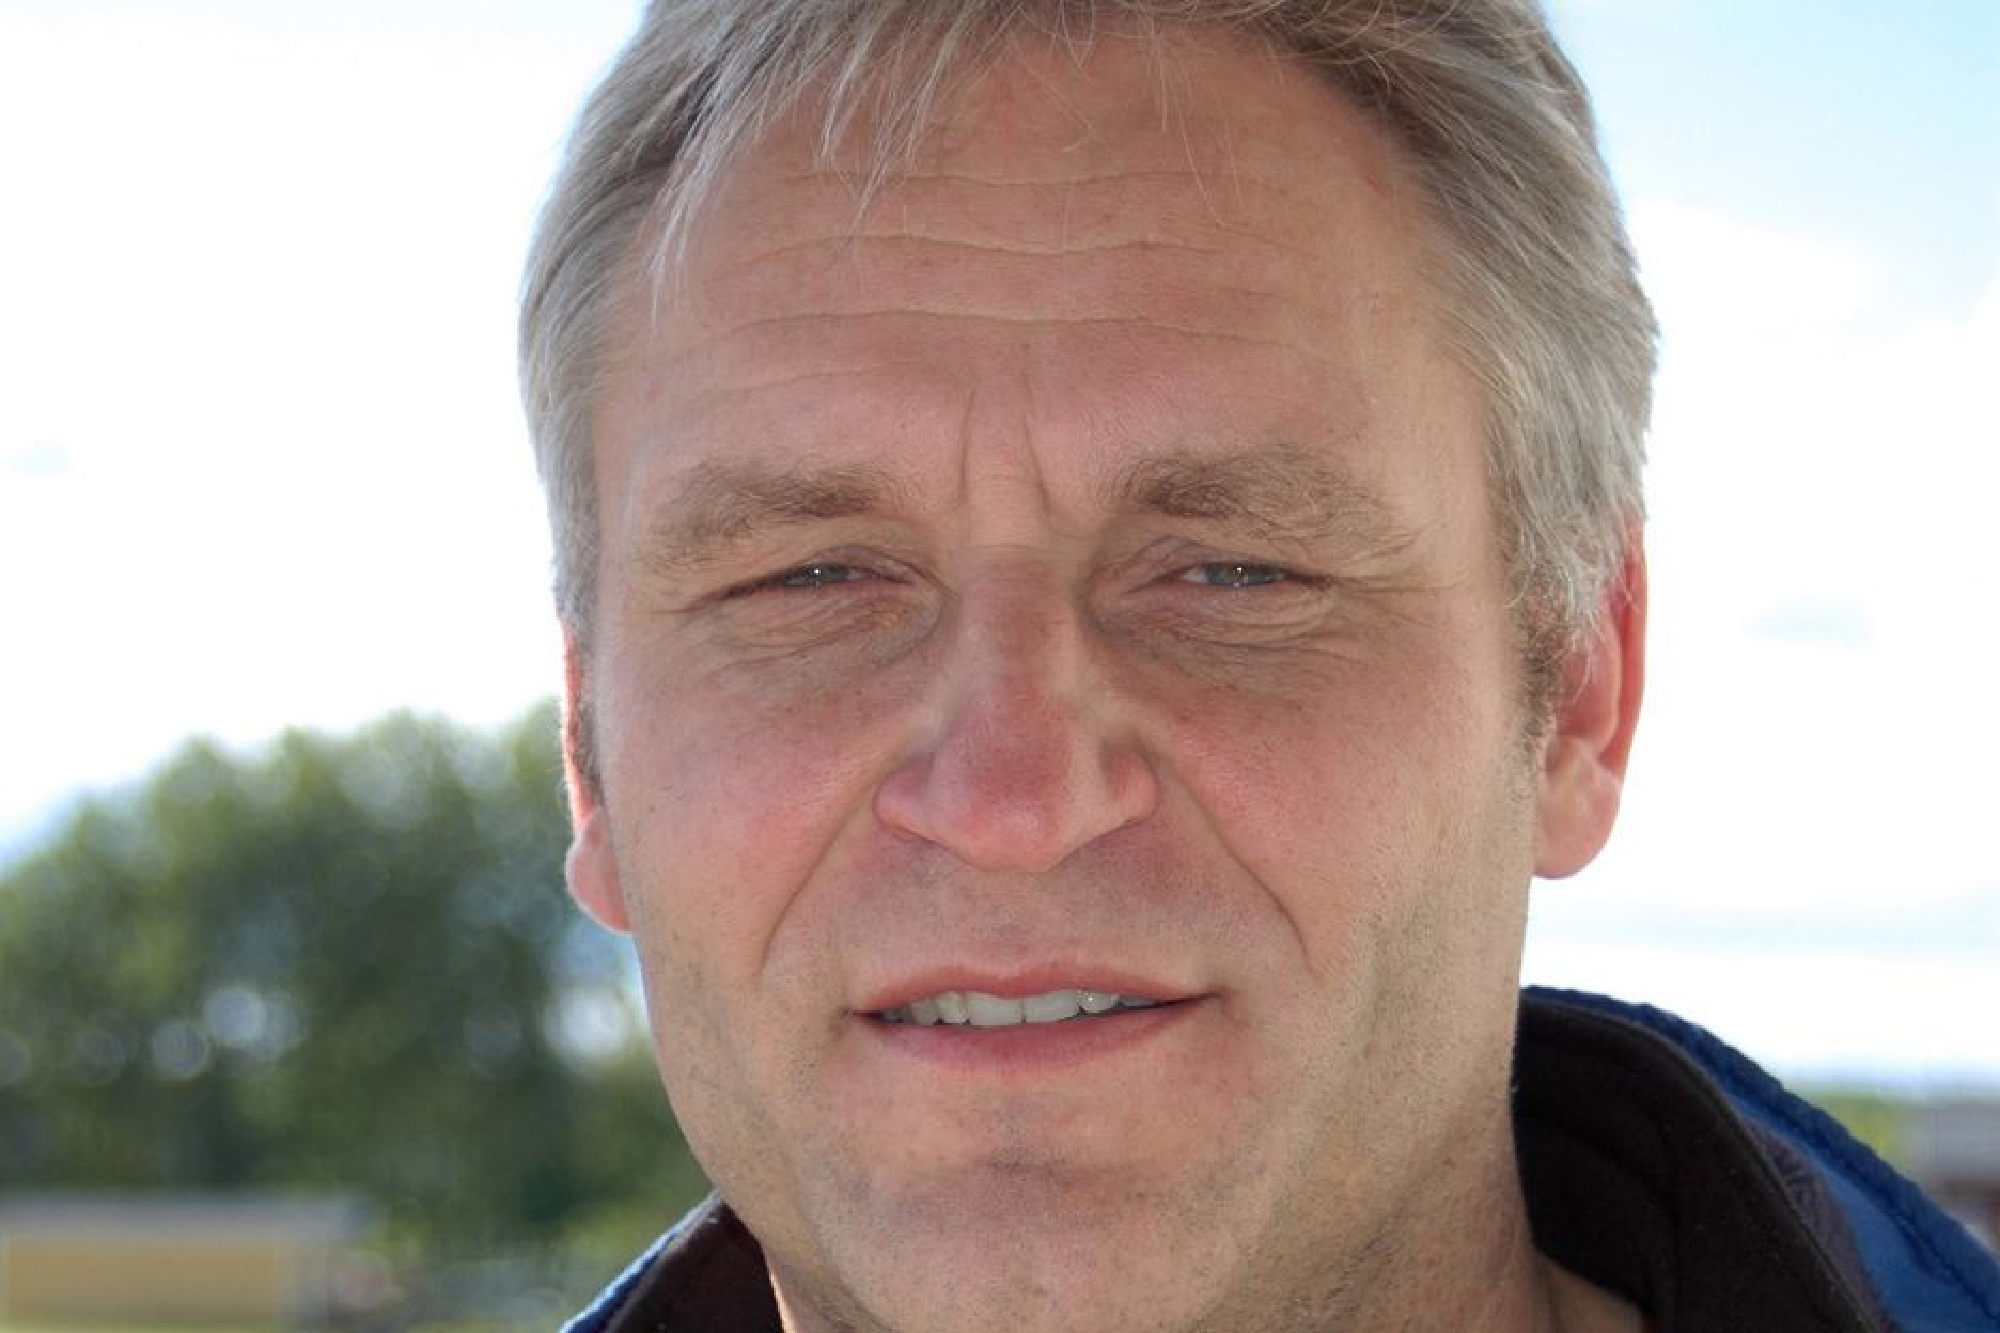 UTFORDRENDE: Regionchef Per Brinck sier det blir interessant og utfordrende  å samarbeide med Storstockholm Lokaltrafik.